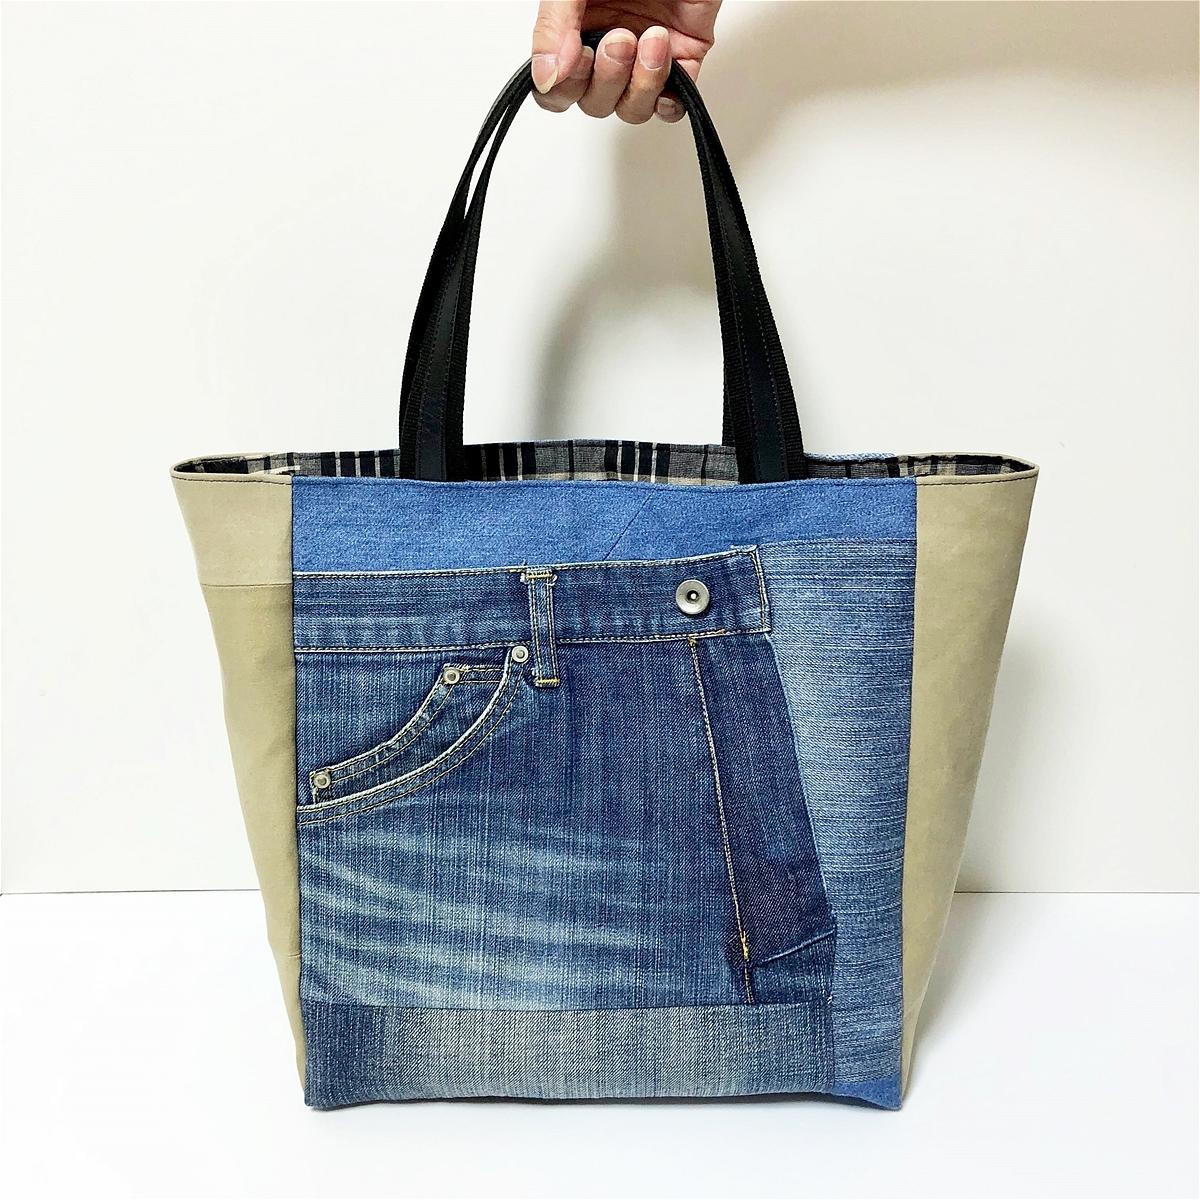 トートバッグ 大きめサイズ リメイクデニム ジーンズ 内ポケットあり マチあり ジーンズリメイク RD69